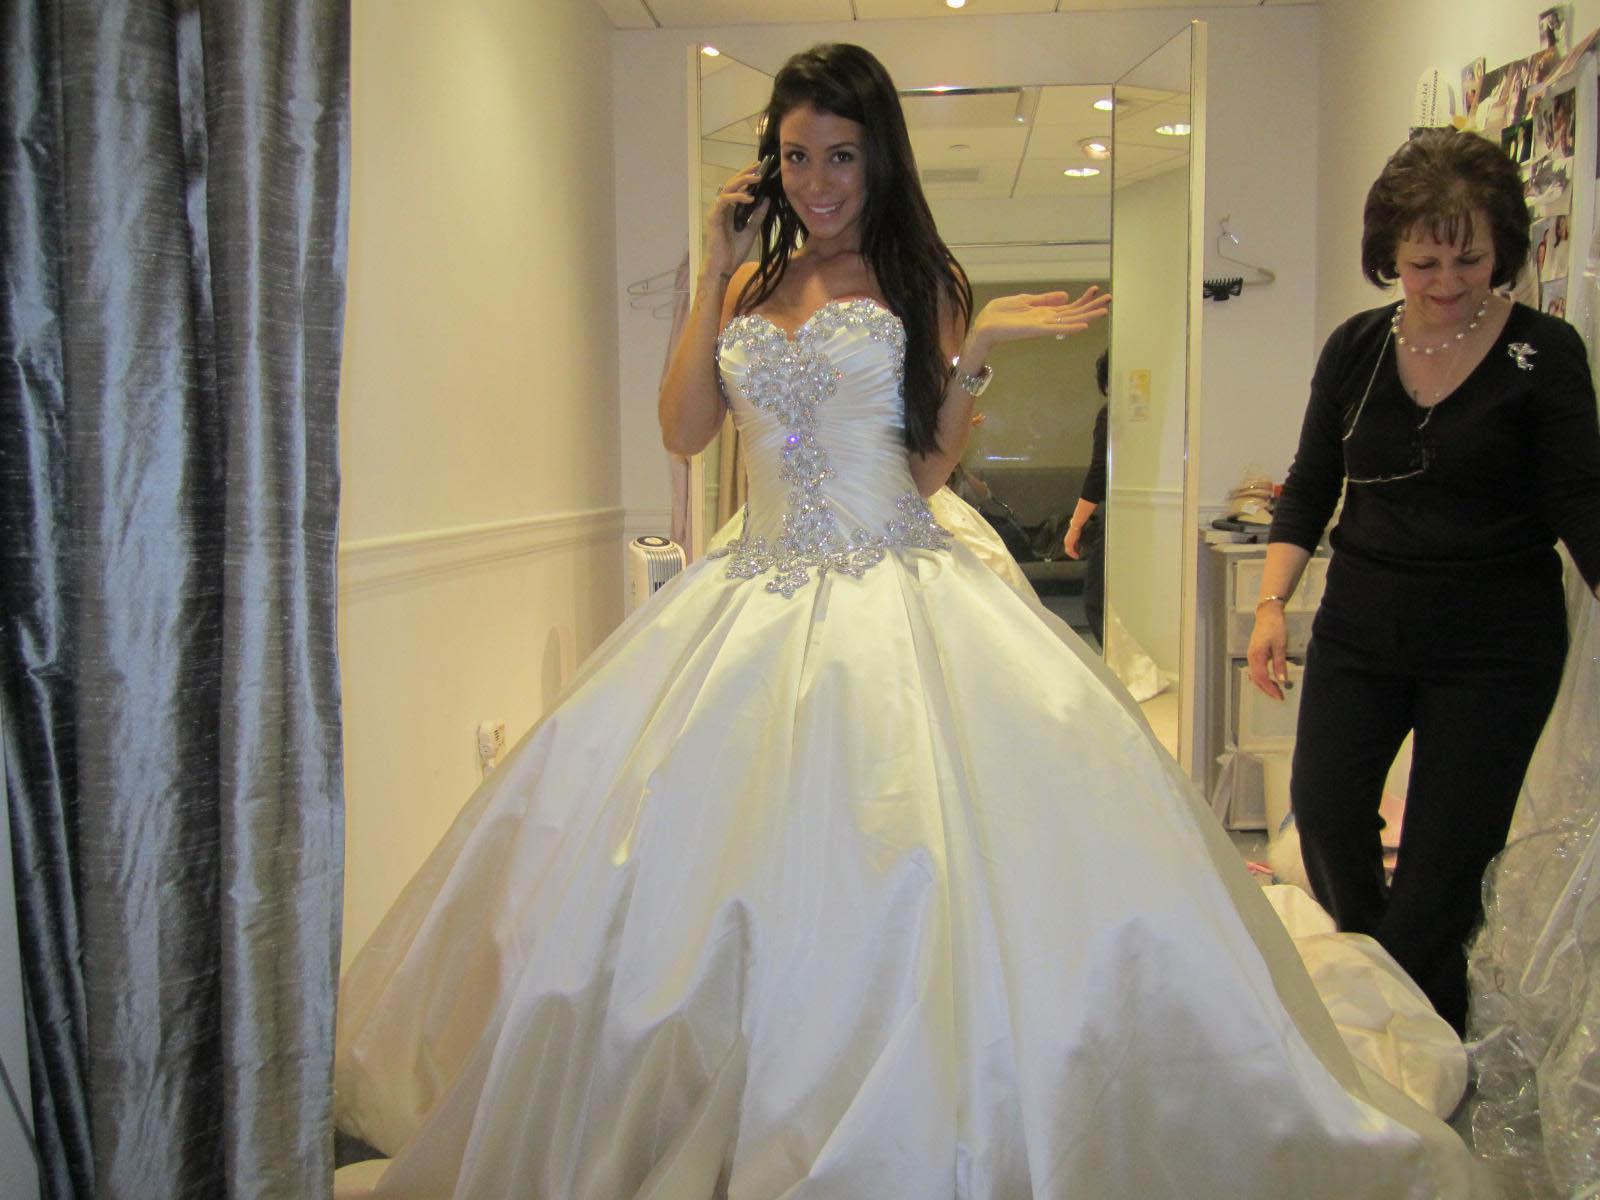 Vestido de noiva wedding dresses ball gown designer new for Dresses for church wedding